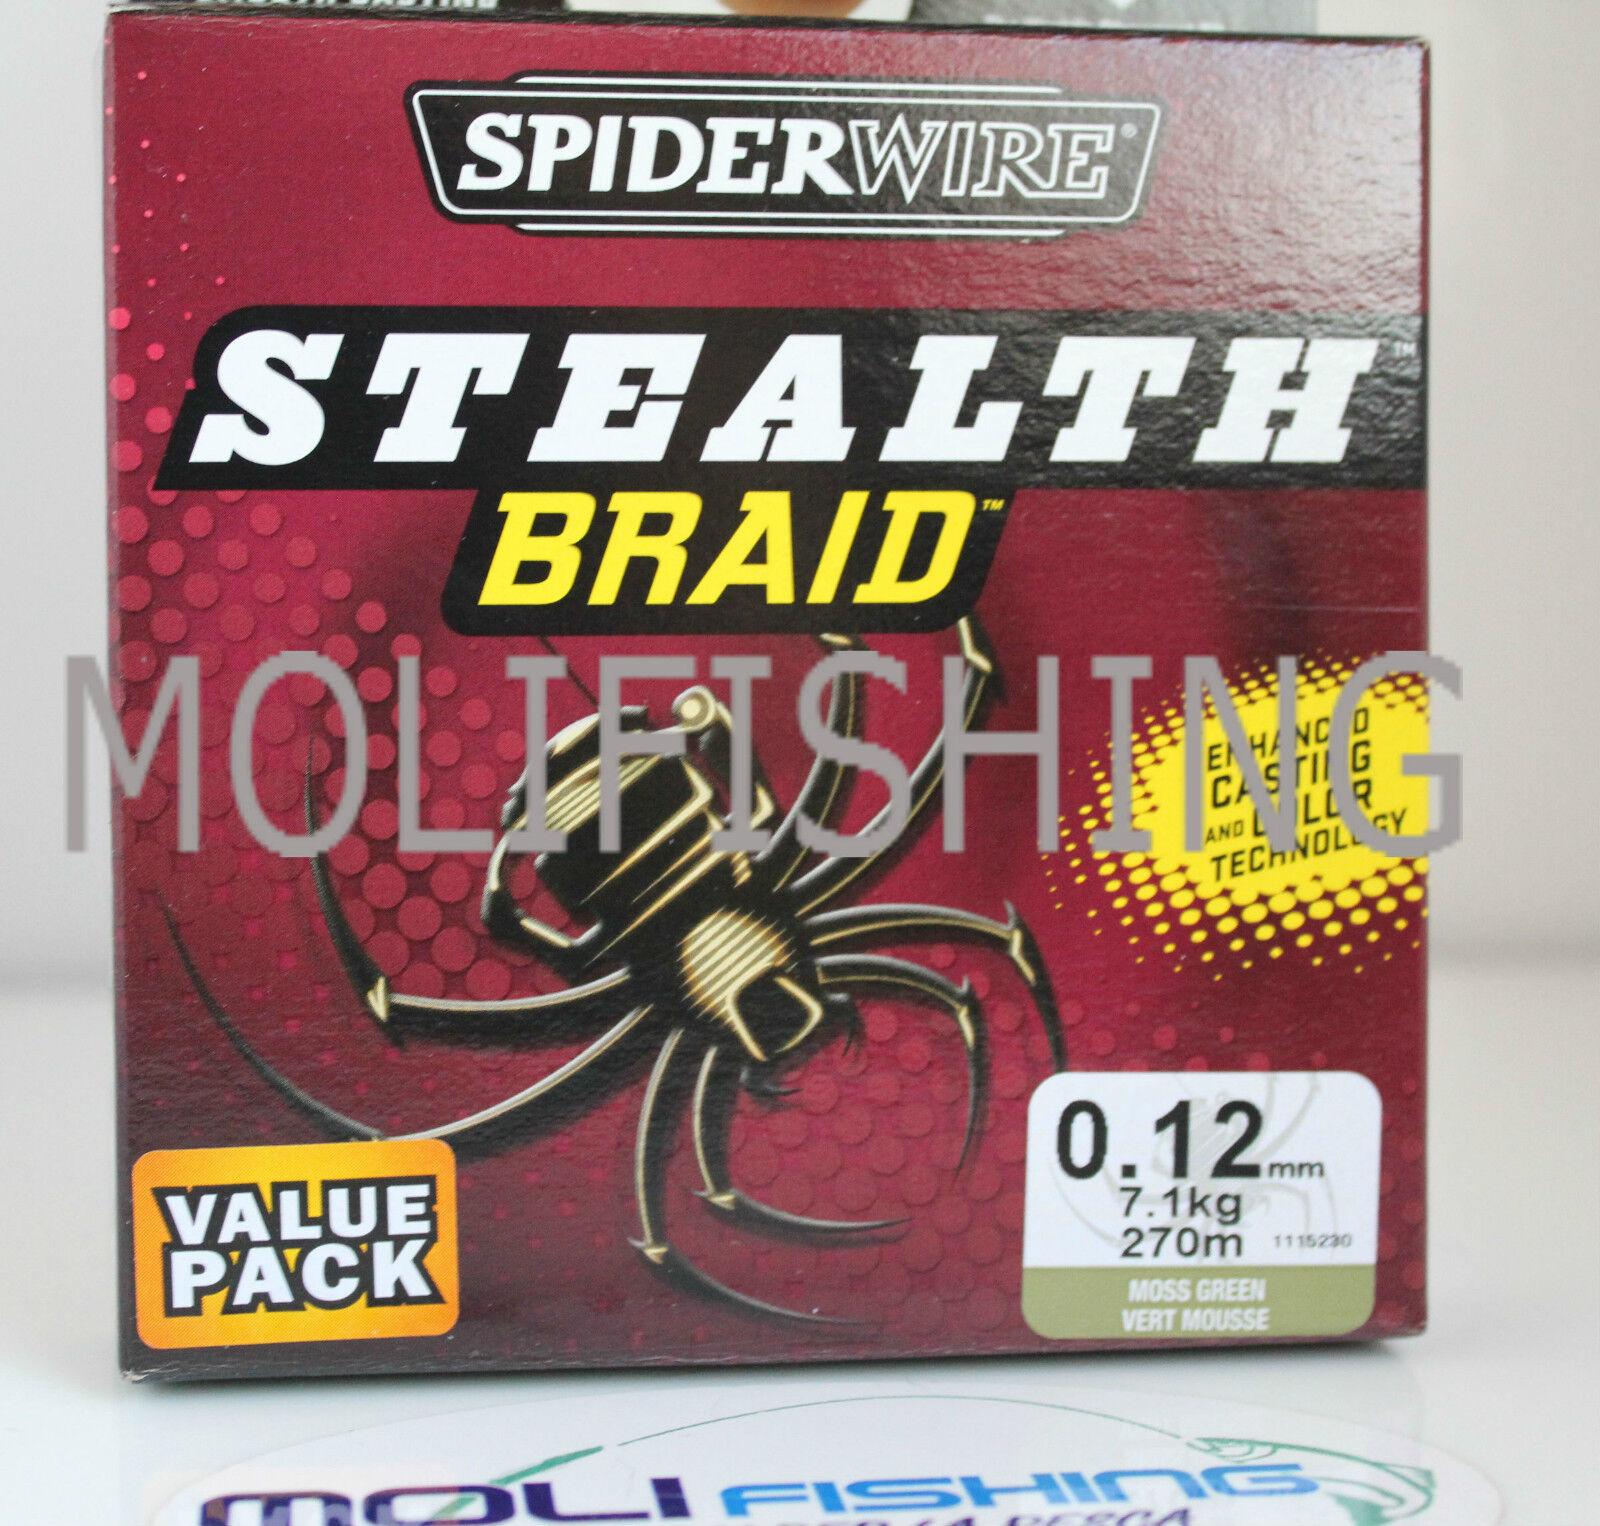 MULTIFIBER BRAID BERKLEY SPIDERWIRE STEALTH MM 0,12 - 7,1 KG - 270 M